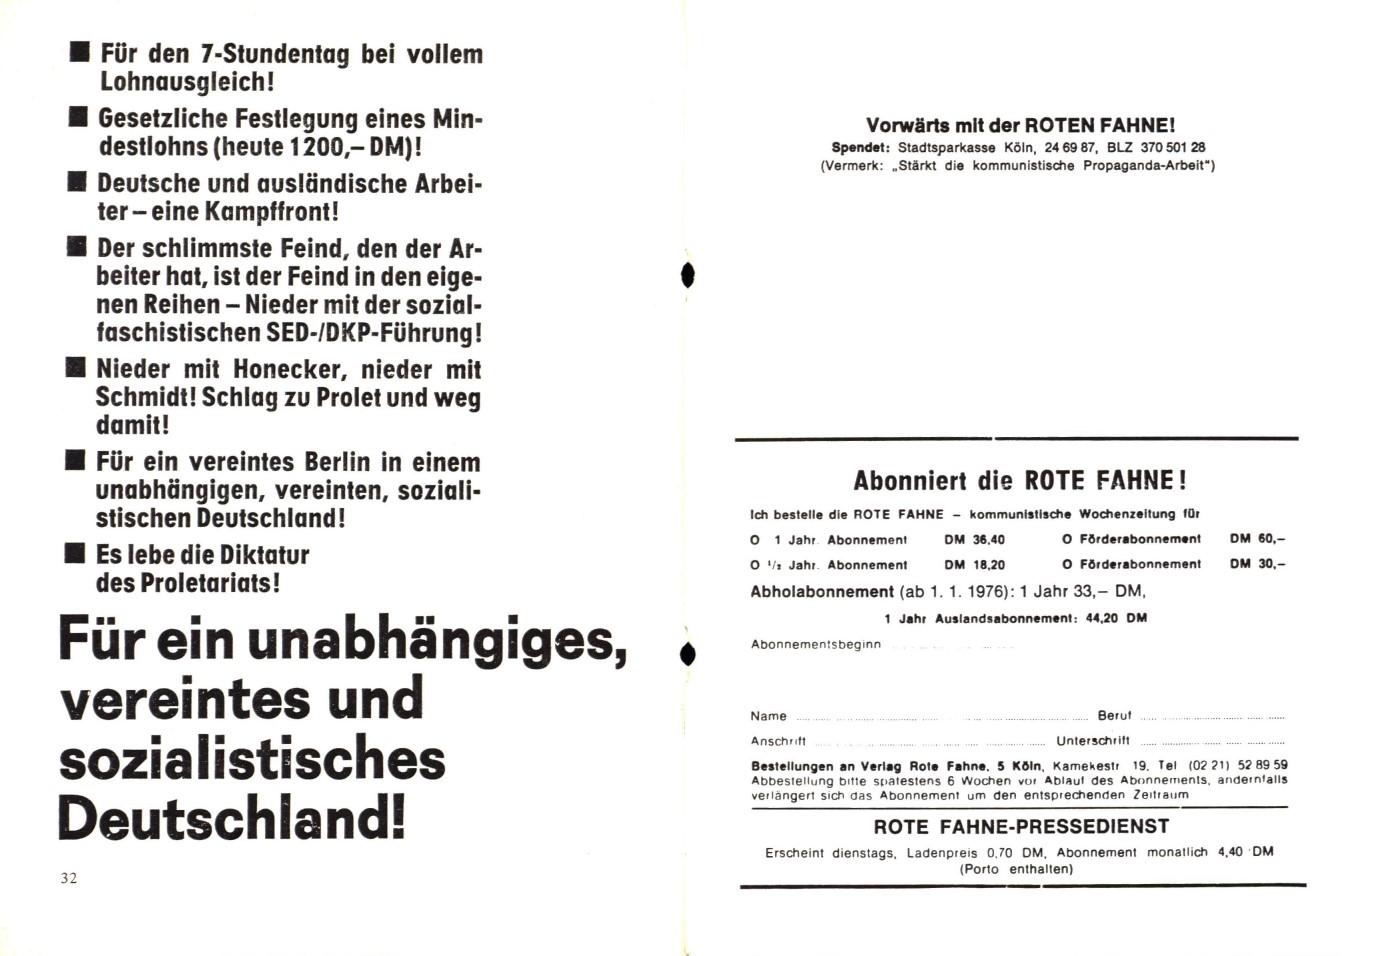 KPDAO_1976_Artikel_DKP_Breschnew_18